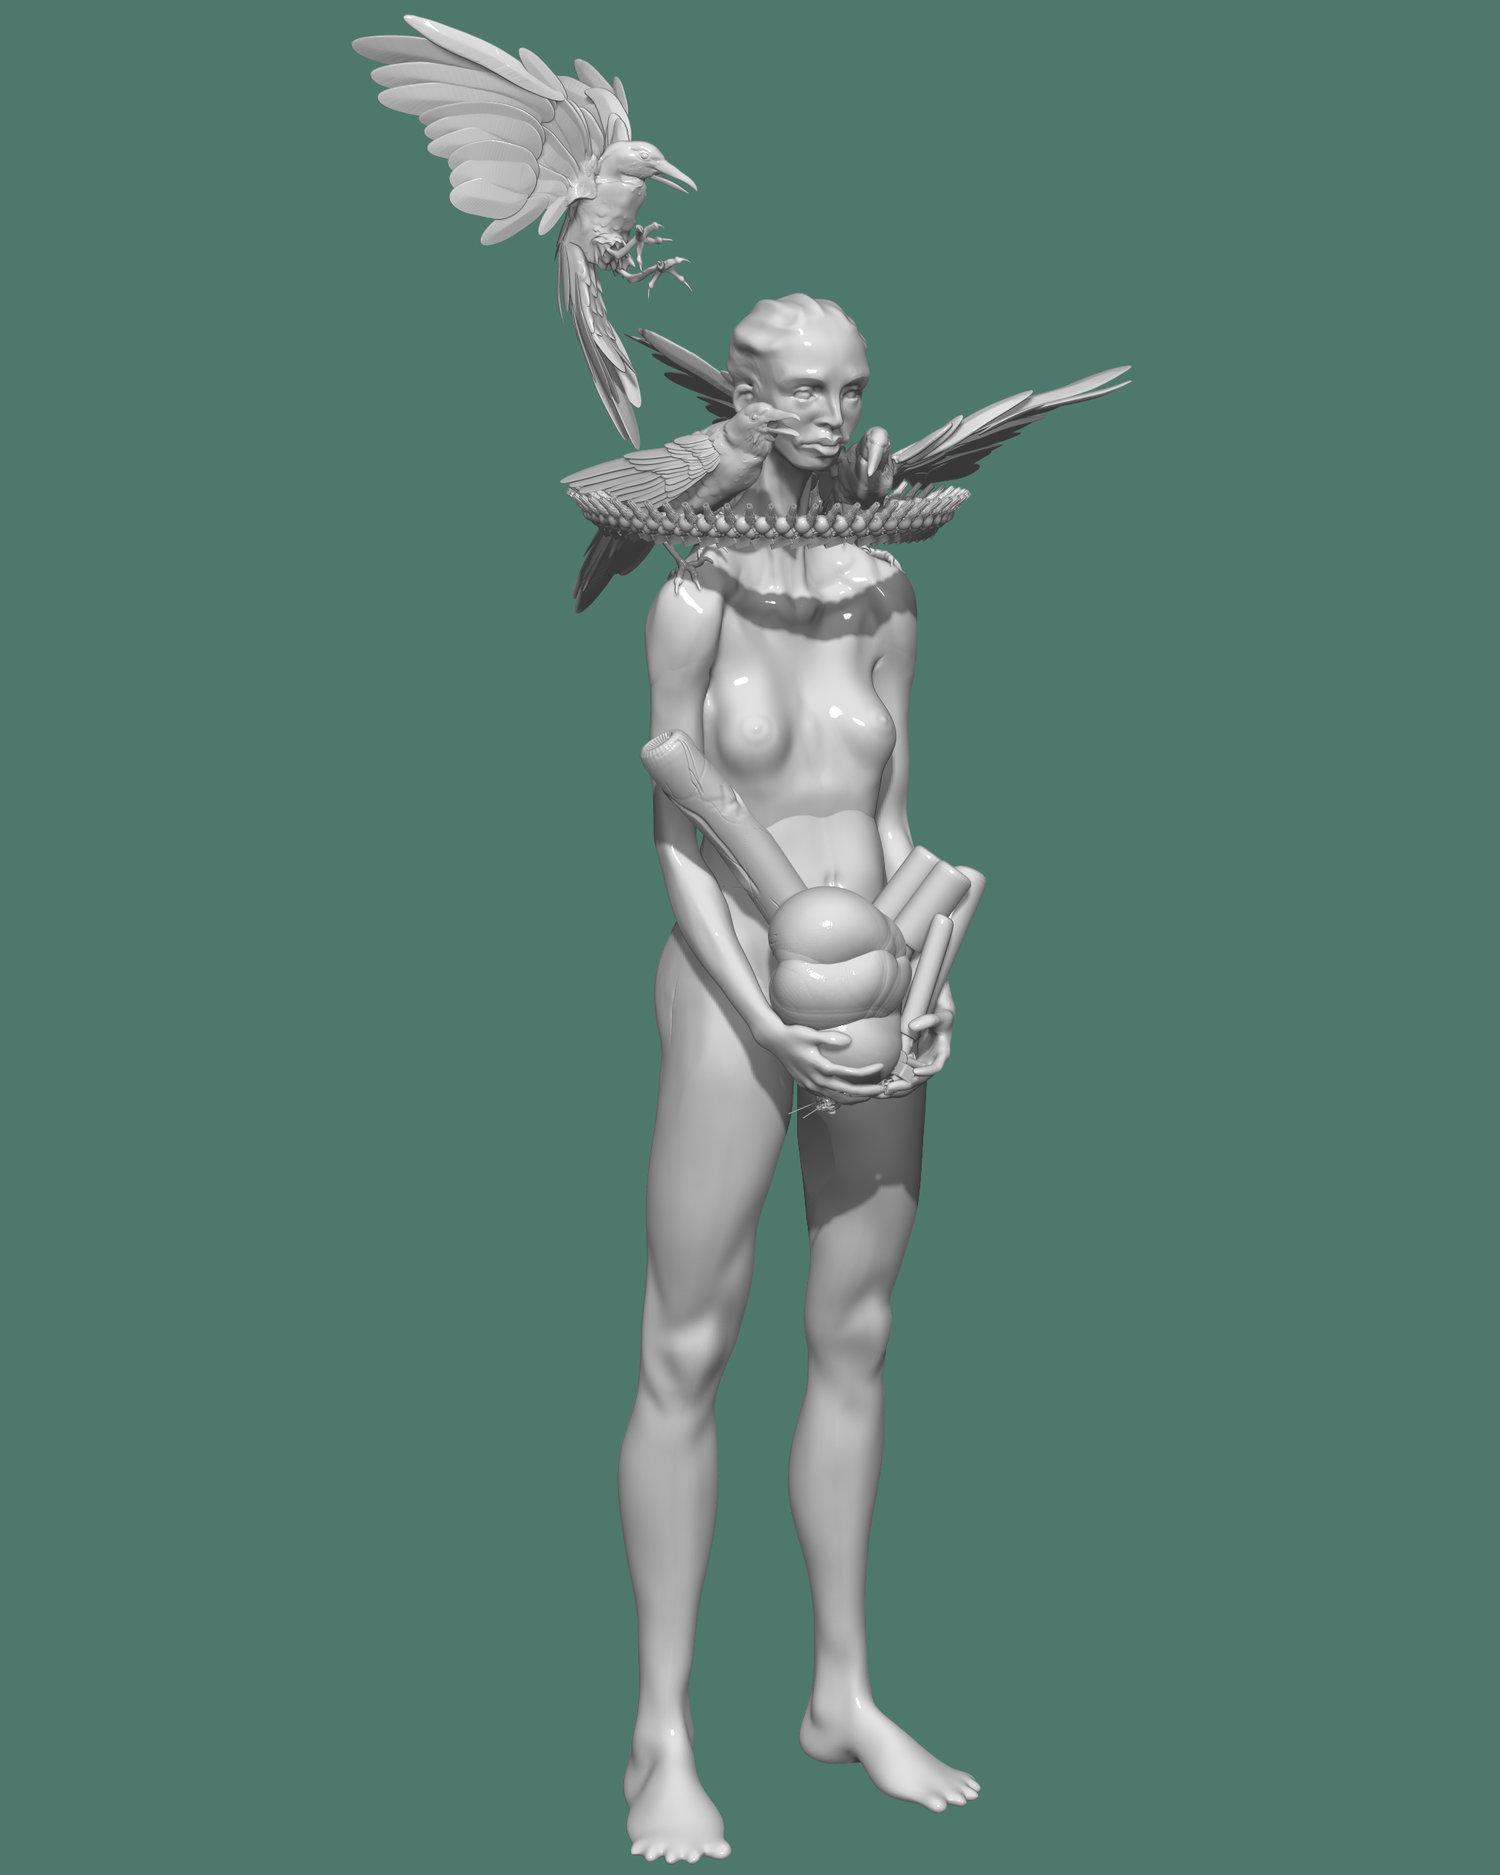 Max+Brazier-Jones+concept+art+witch+digital+art+7.jpg